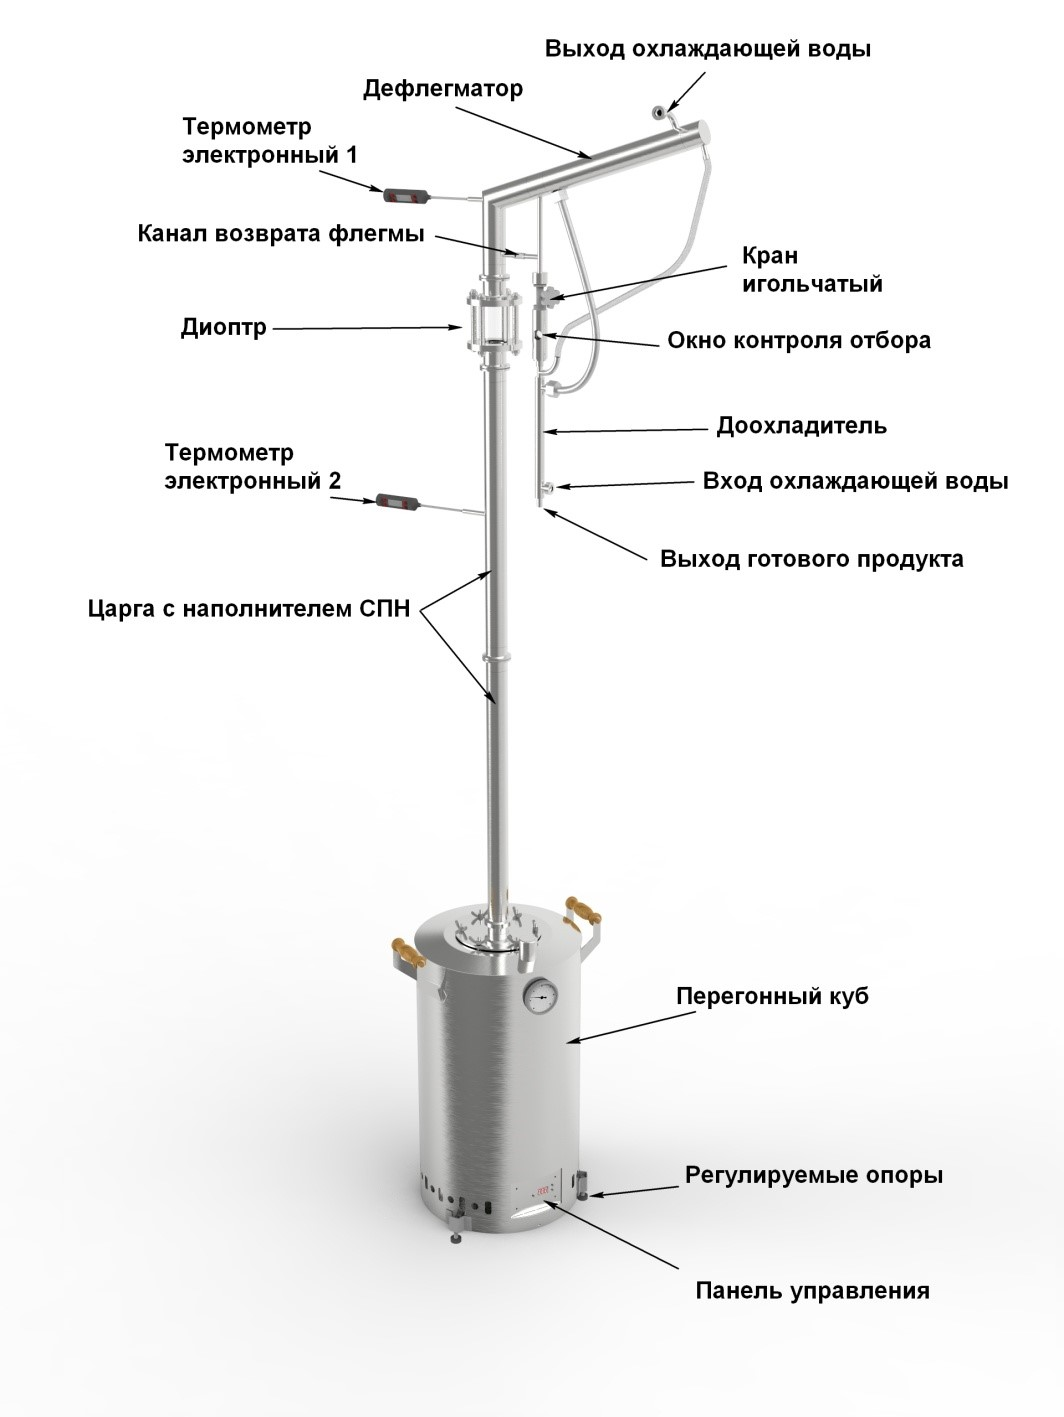 фото ректификационной колонны в собранном виде